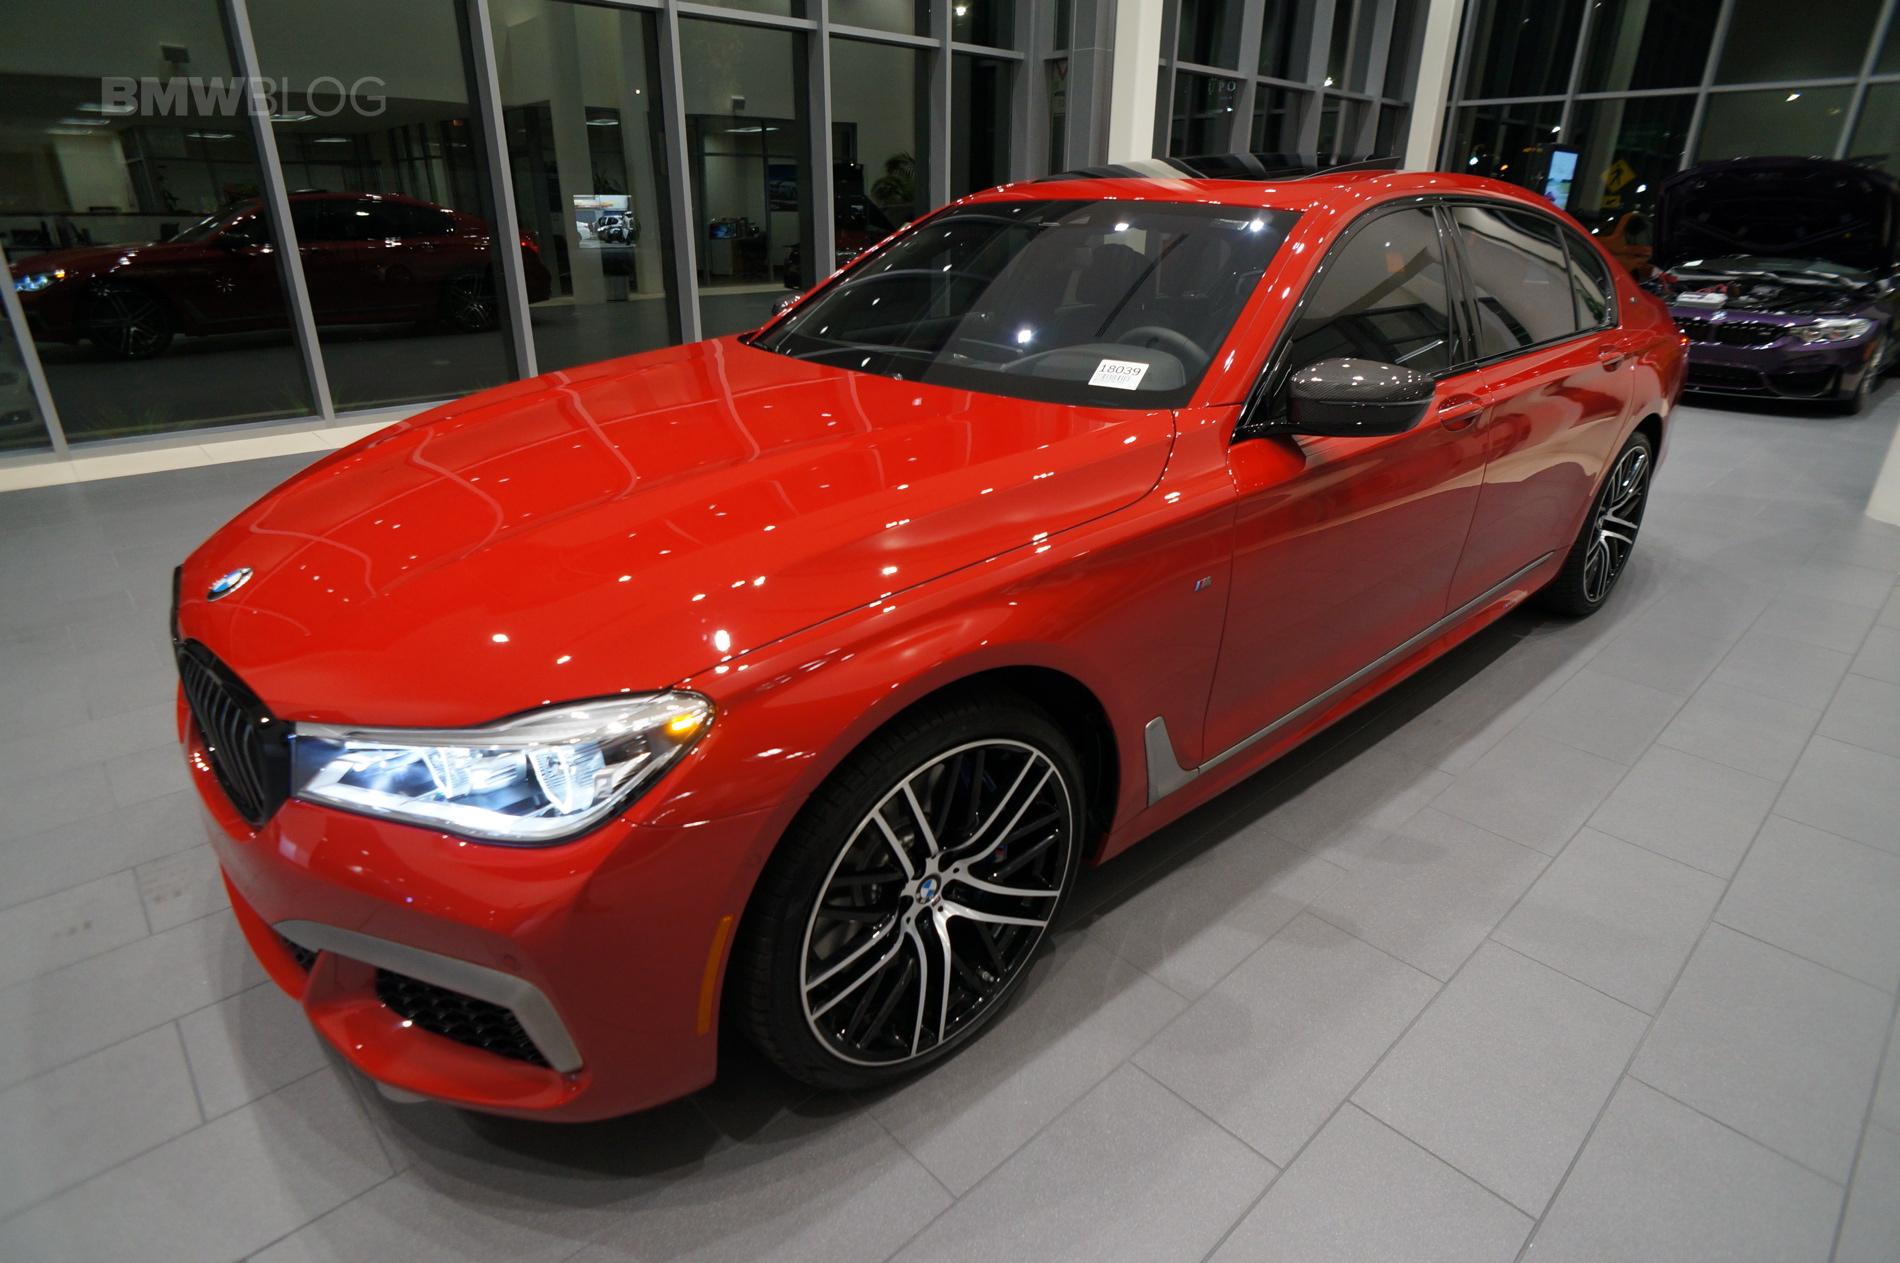 Imola Red BMW M760Li Century West BMW 16